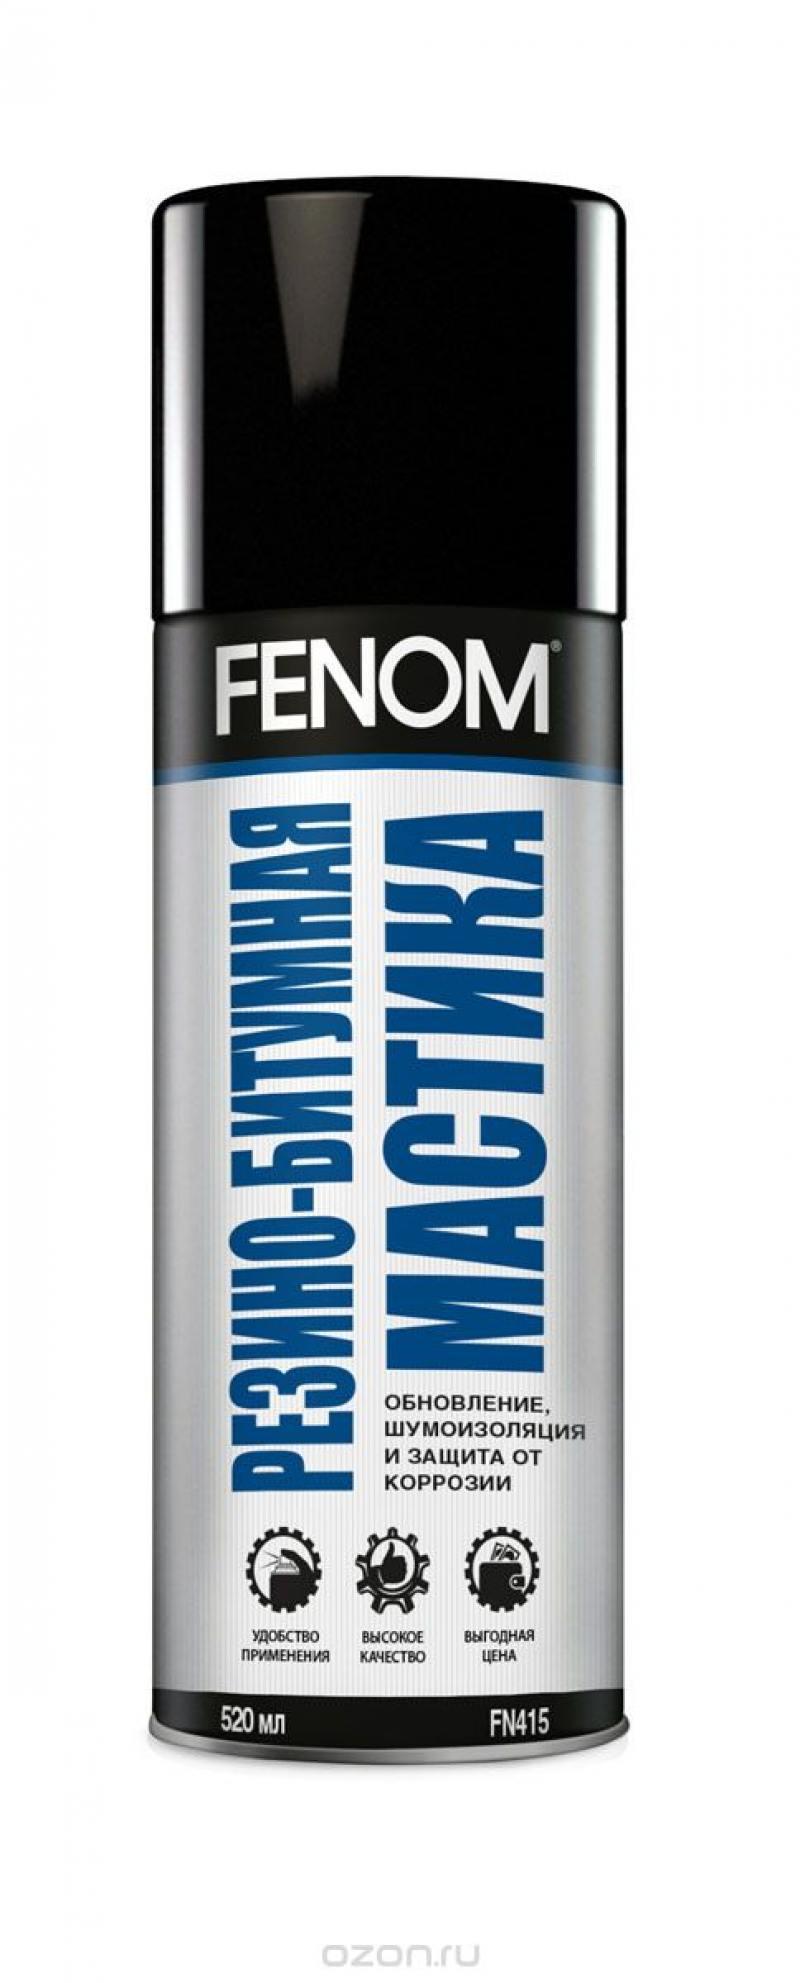 Резино-битумная мастика Fenom FN 415 инвертор quattro elementi b 205 205 а пв 80% до 5 0 мм 5 3 кг дисплей tig lift от 170в кейс